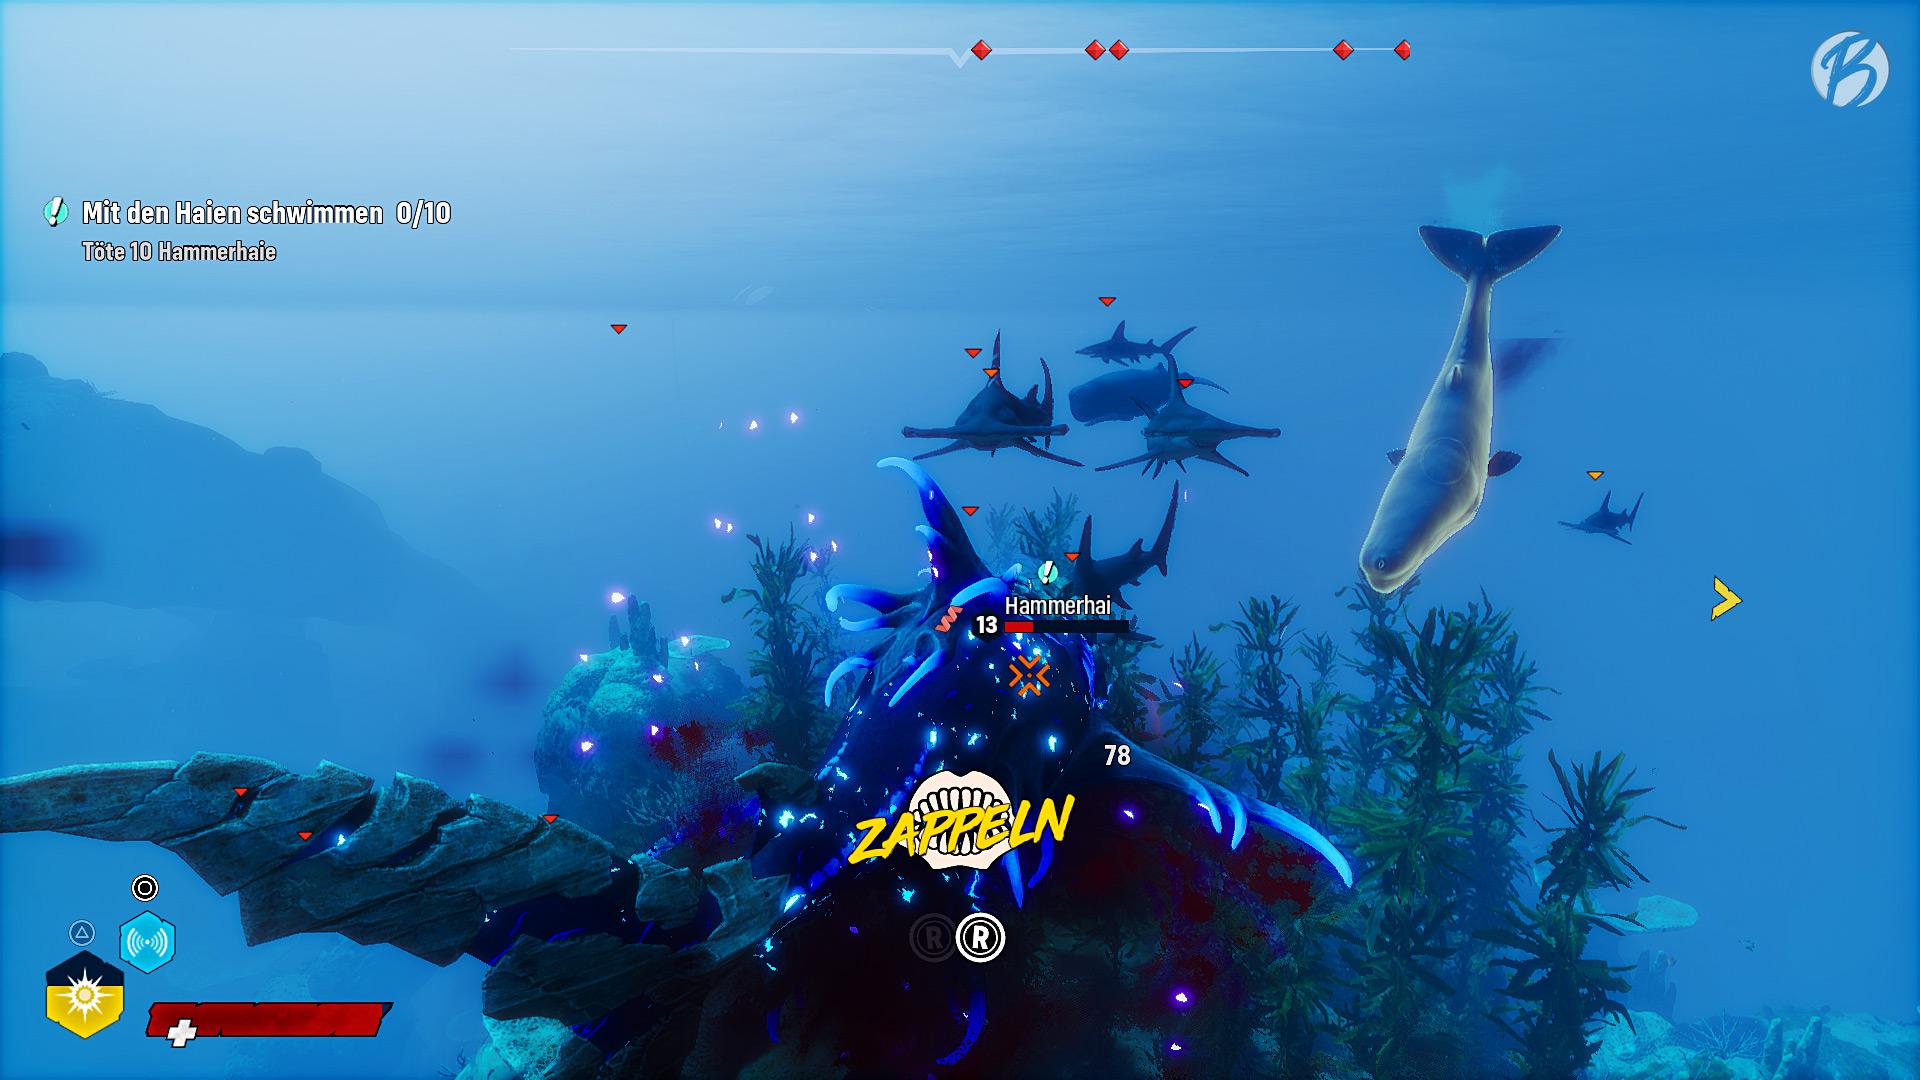 Maneater - So viele Hammerhaie und ein riesiger Pottwal, dass wird hart!